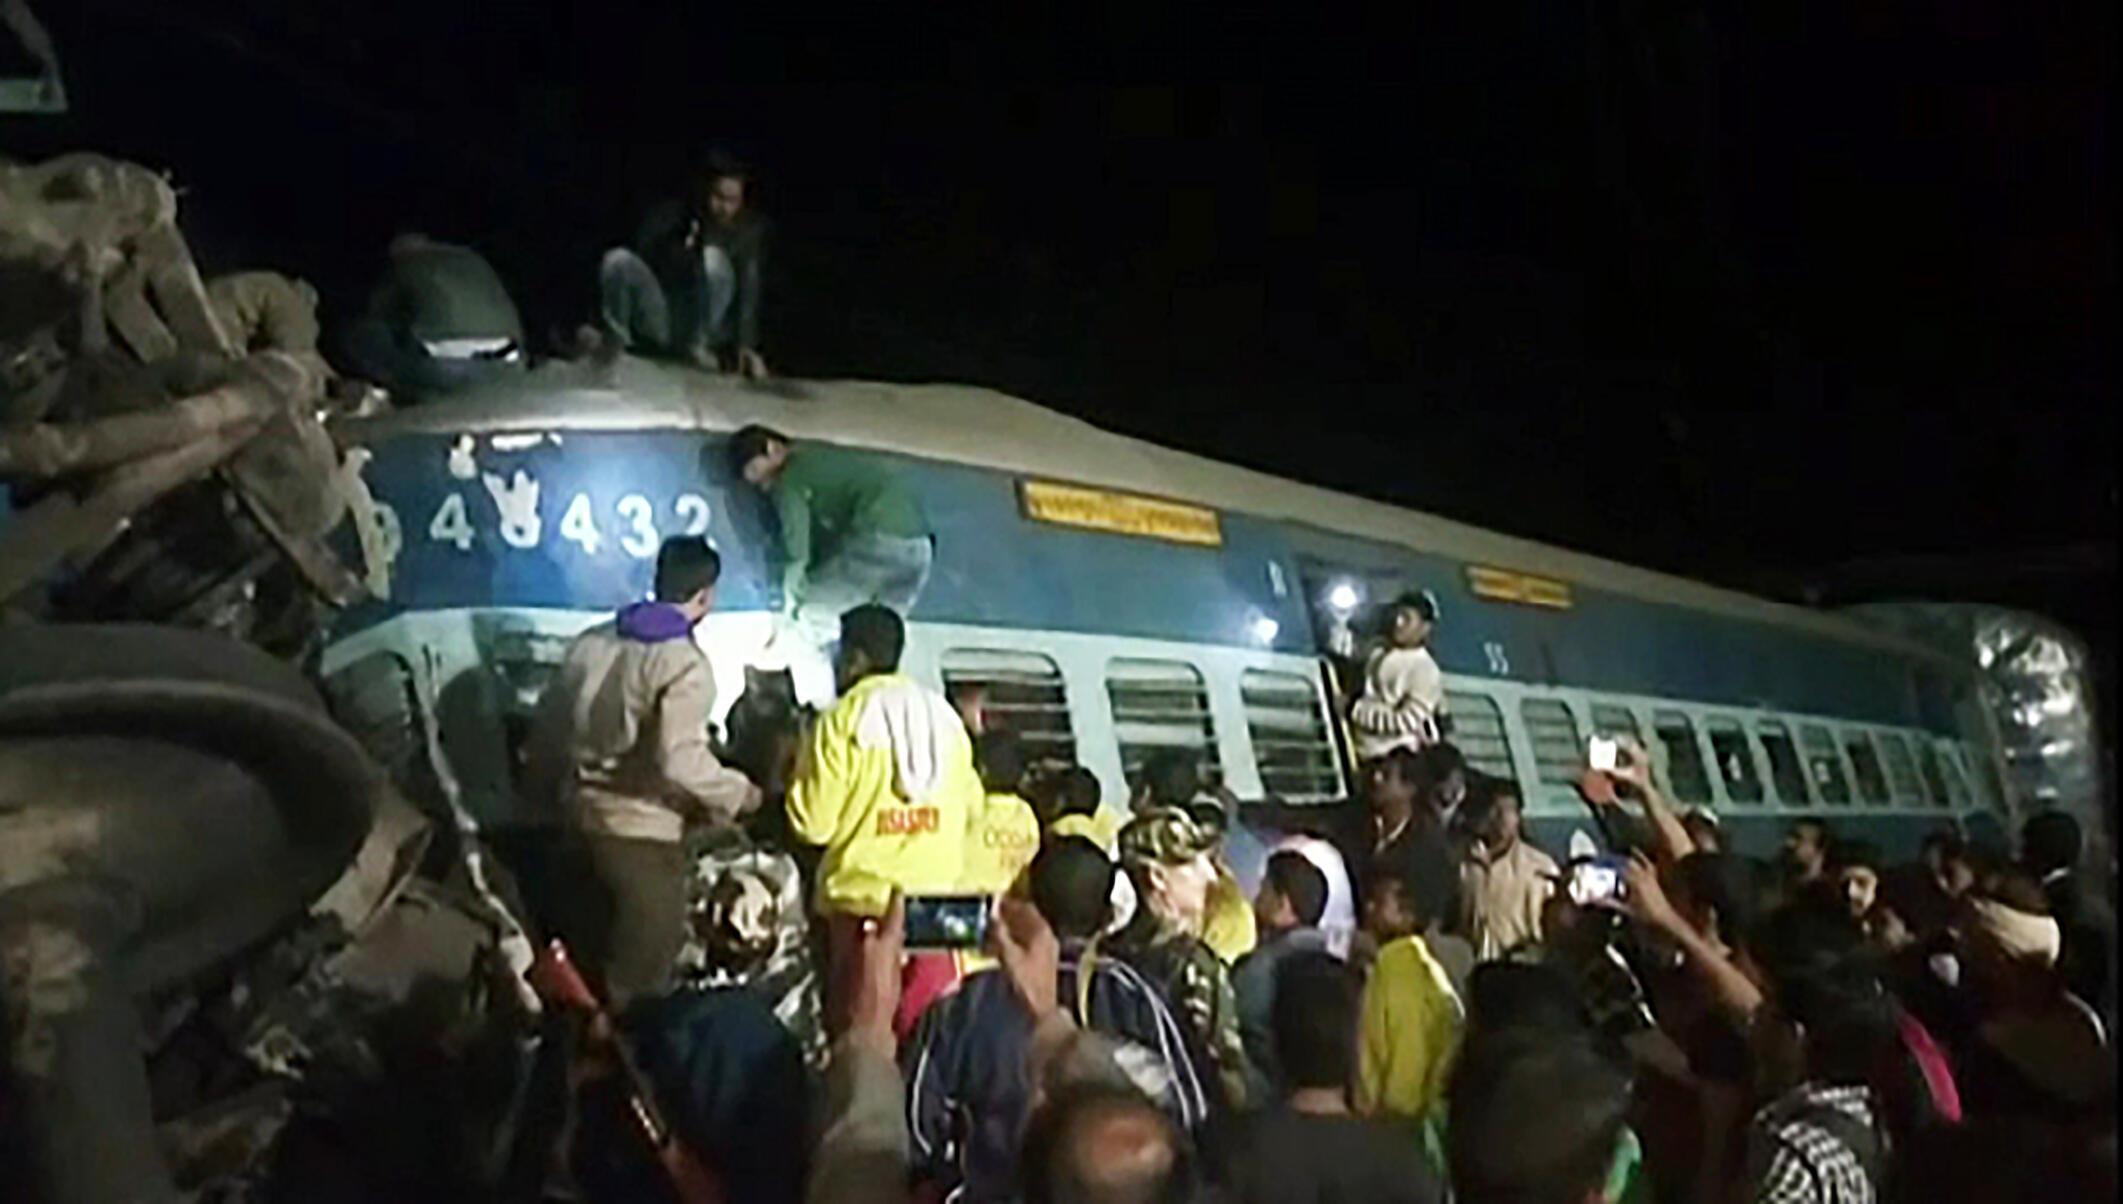 Imagem da televisão indiana mostrando o trem acidentado no sul do país, na noite de sábado 21 de janeiro de 2017.